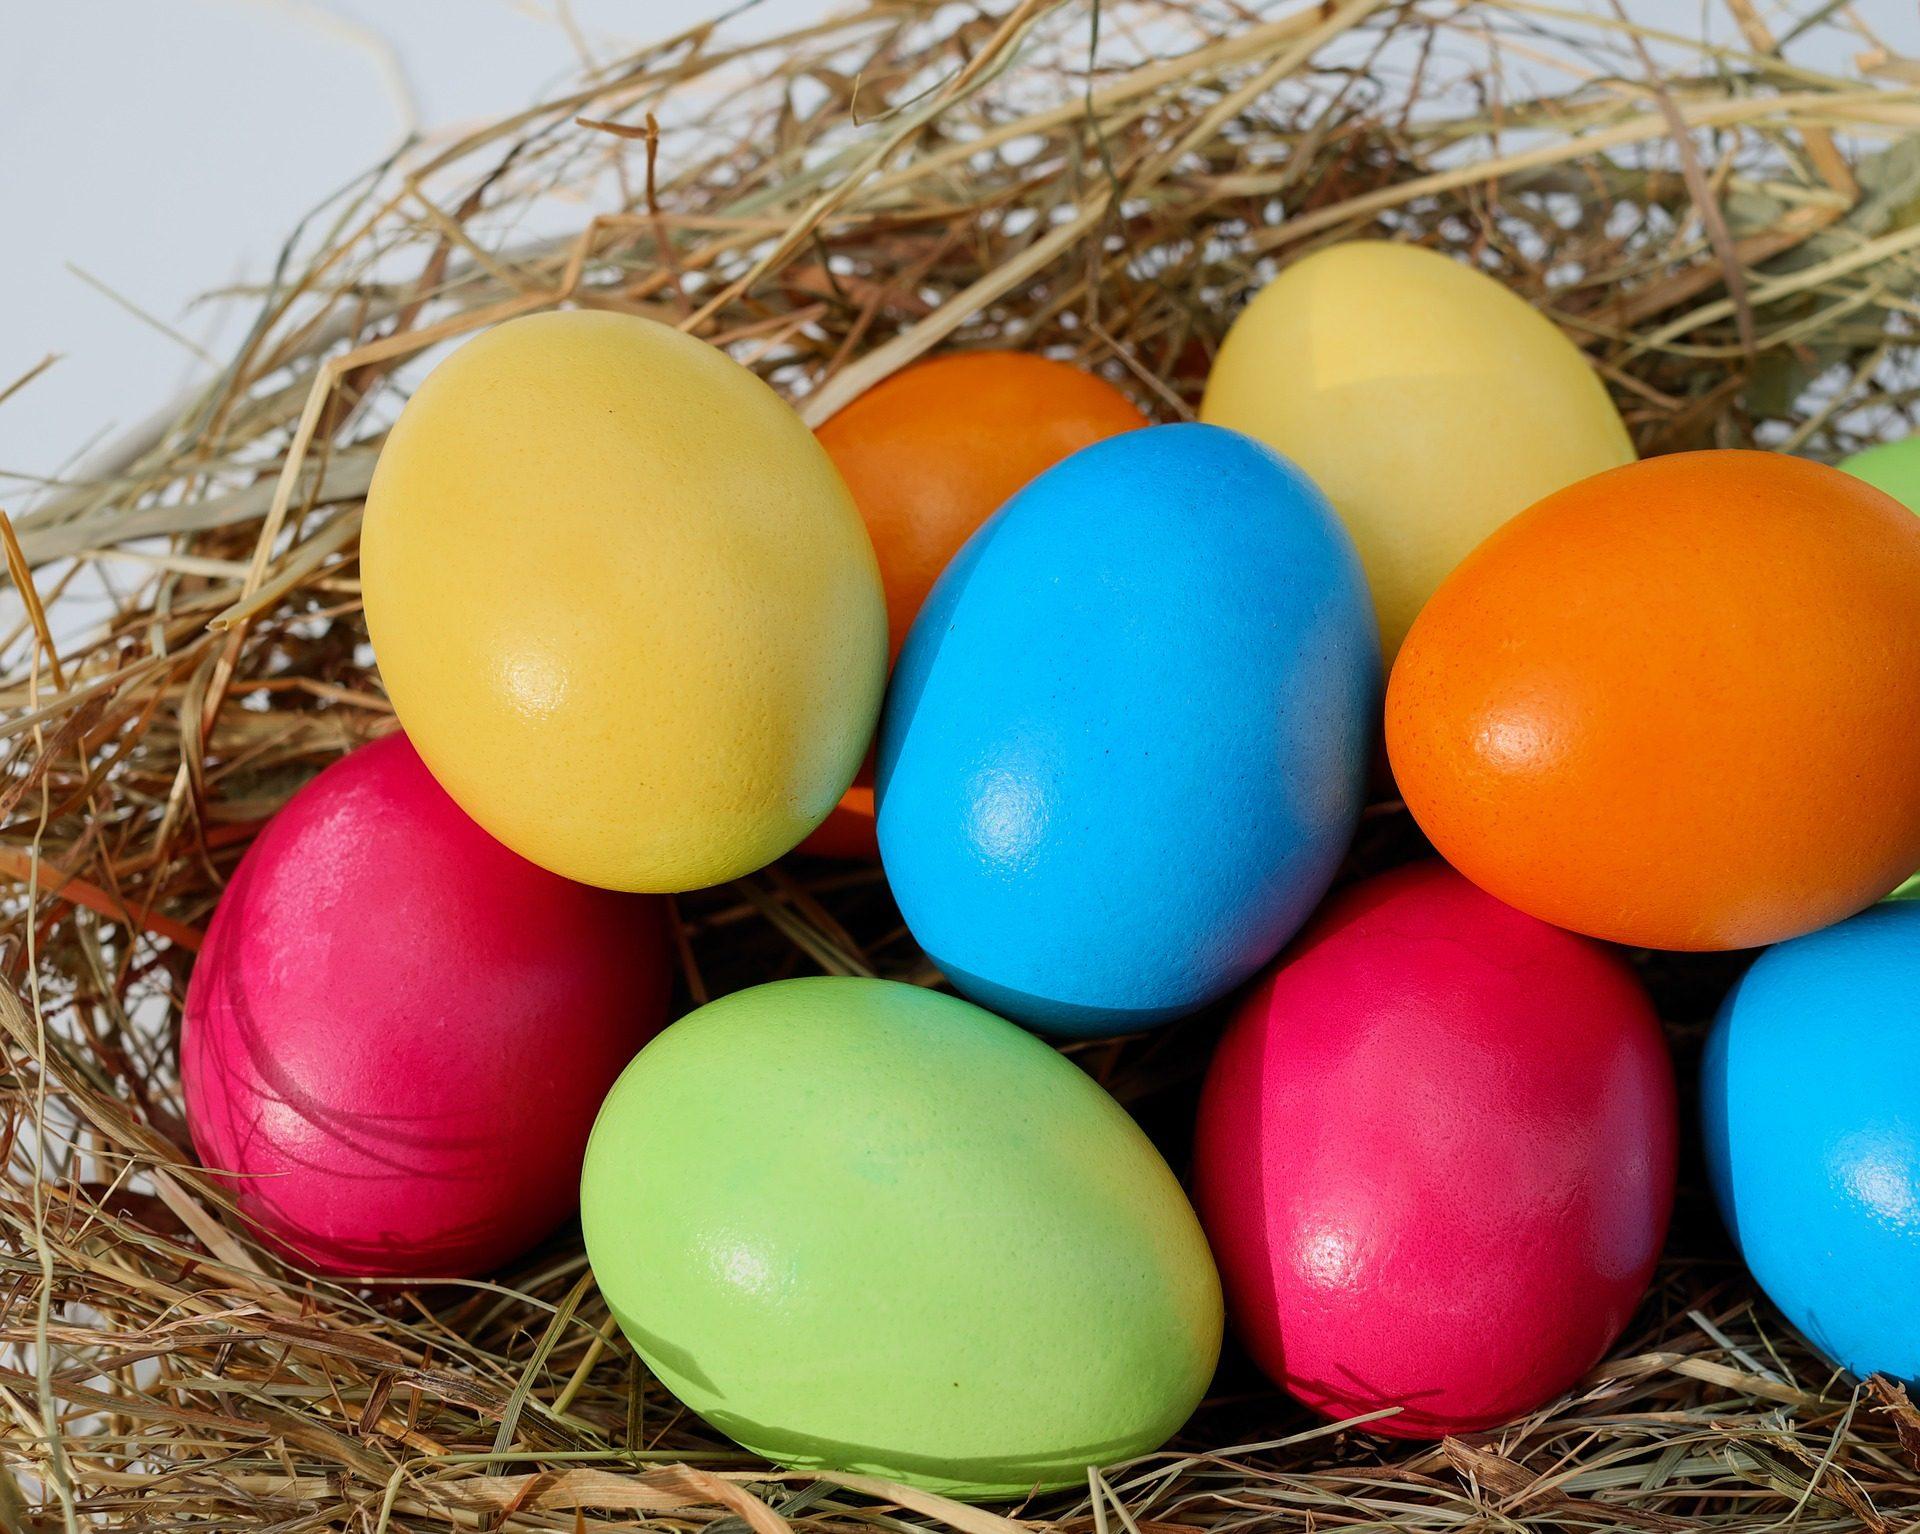 بيض, عيد الفصح, ملون, عش, رسمت - خلفيات عالية الدقة - أستاذ falken.com